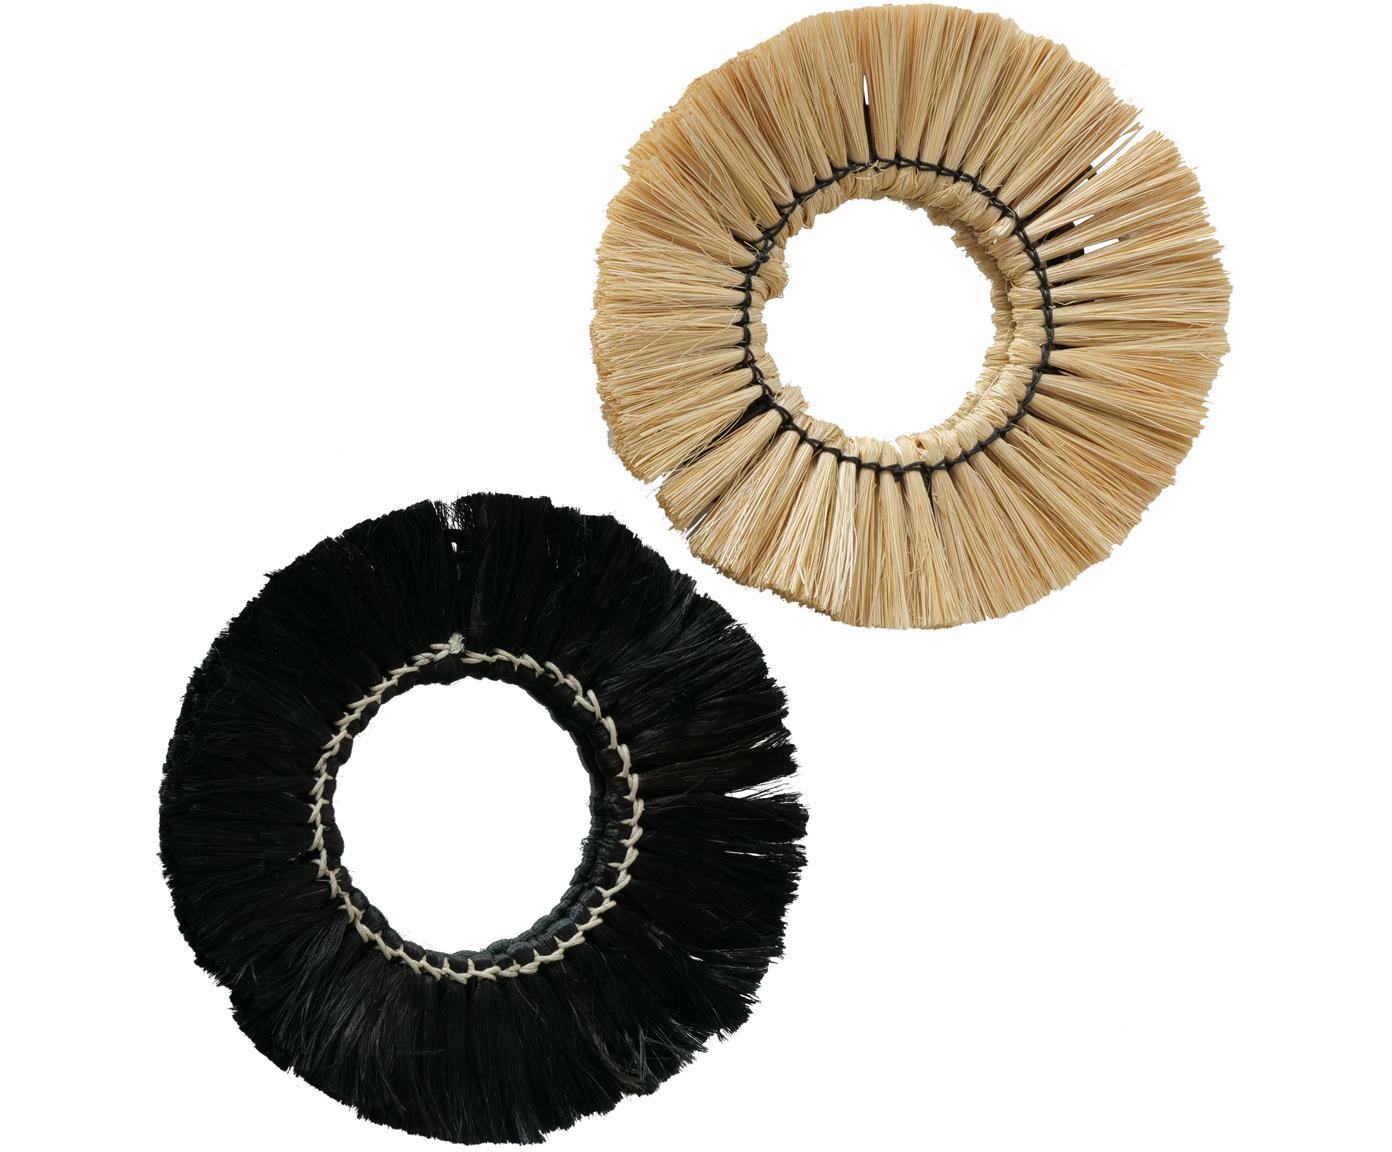 Rundes, handgeknüpftes Wandspiegel-Set Mamesa, 2-tlg., Metall, Spiegelglas, Schwarz, Beige, Ø 25 cm